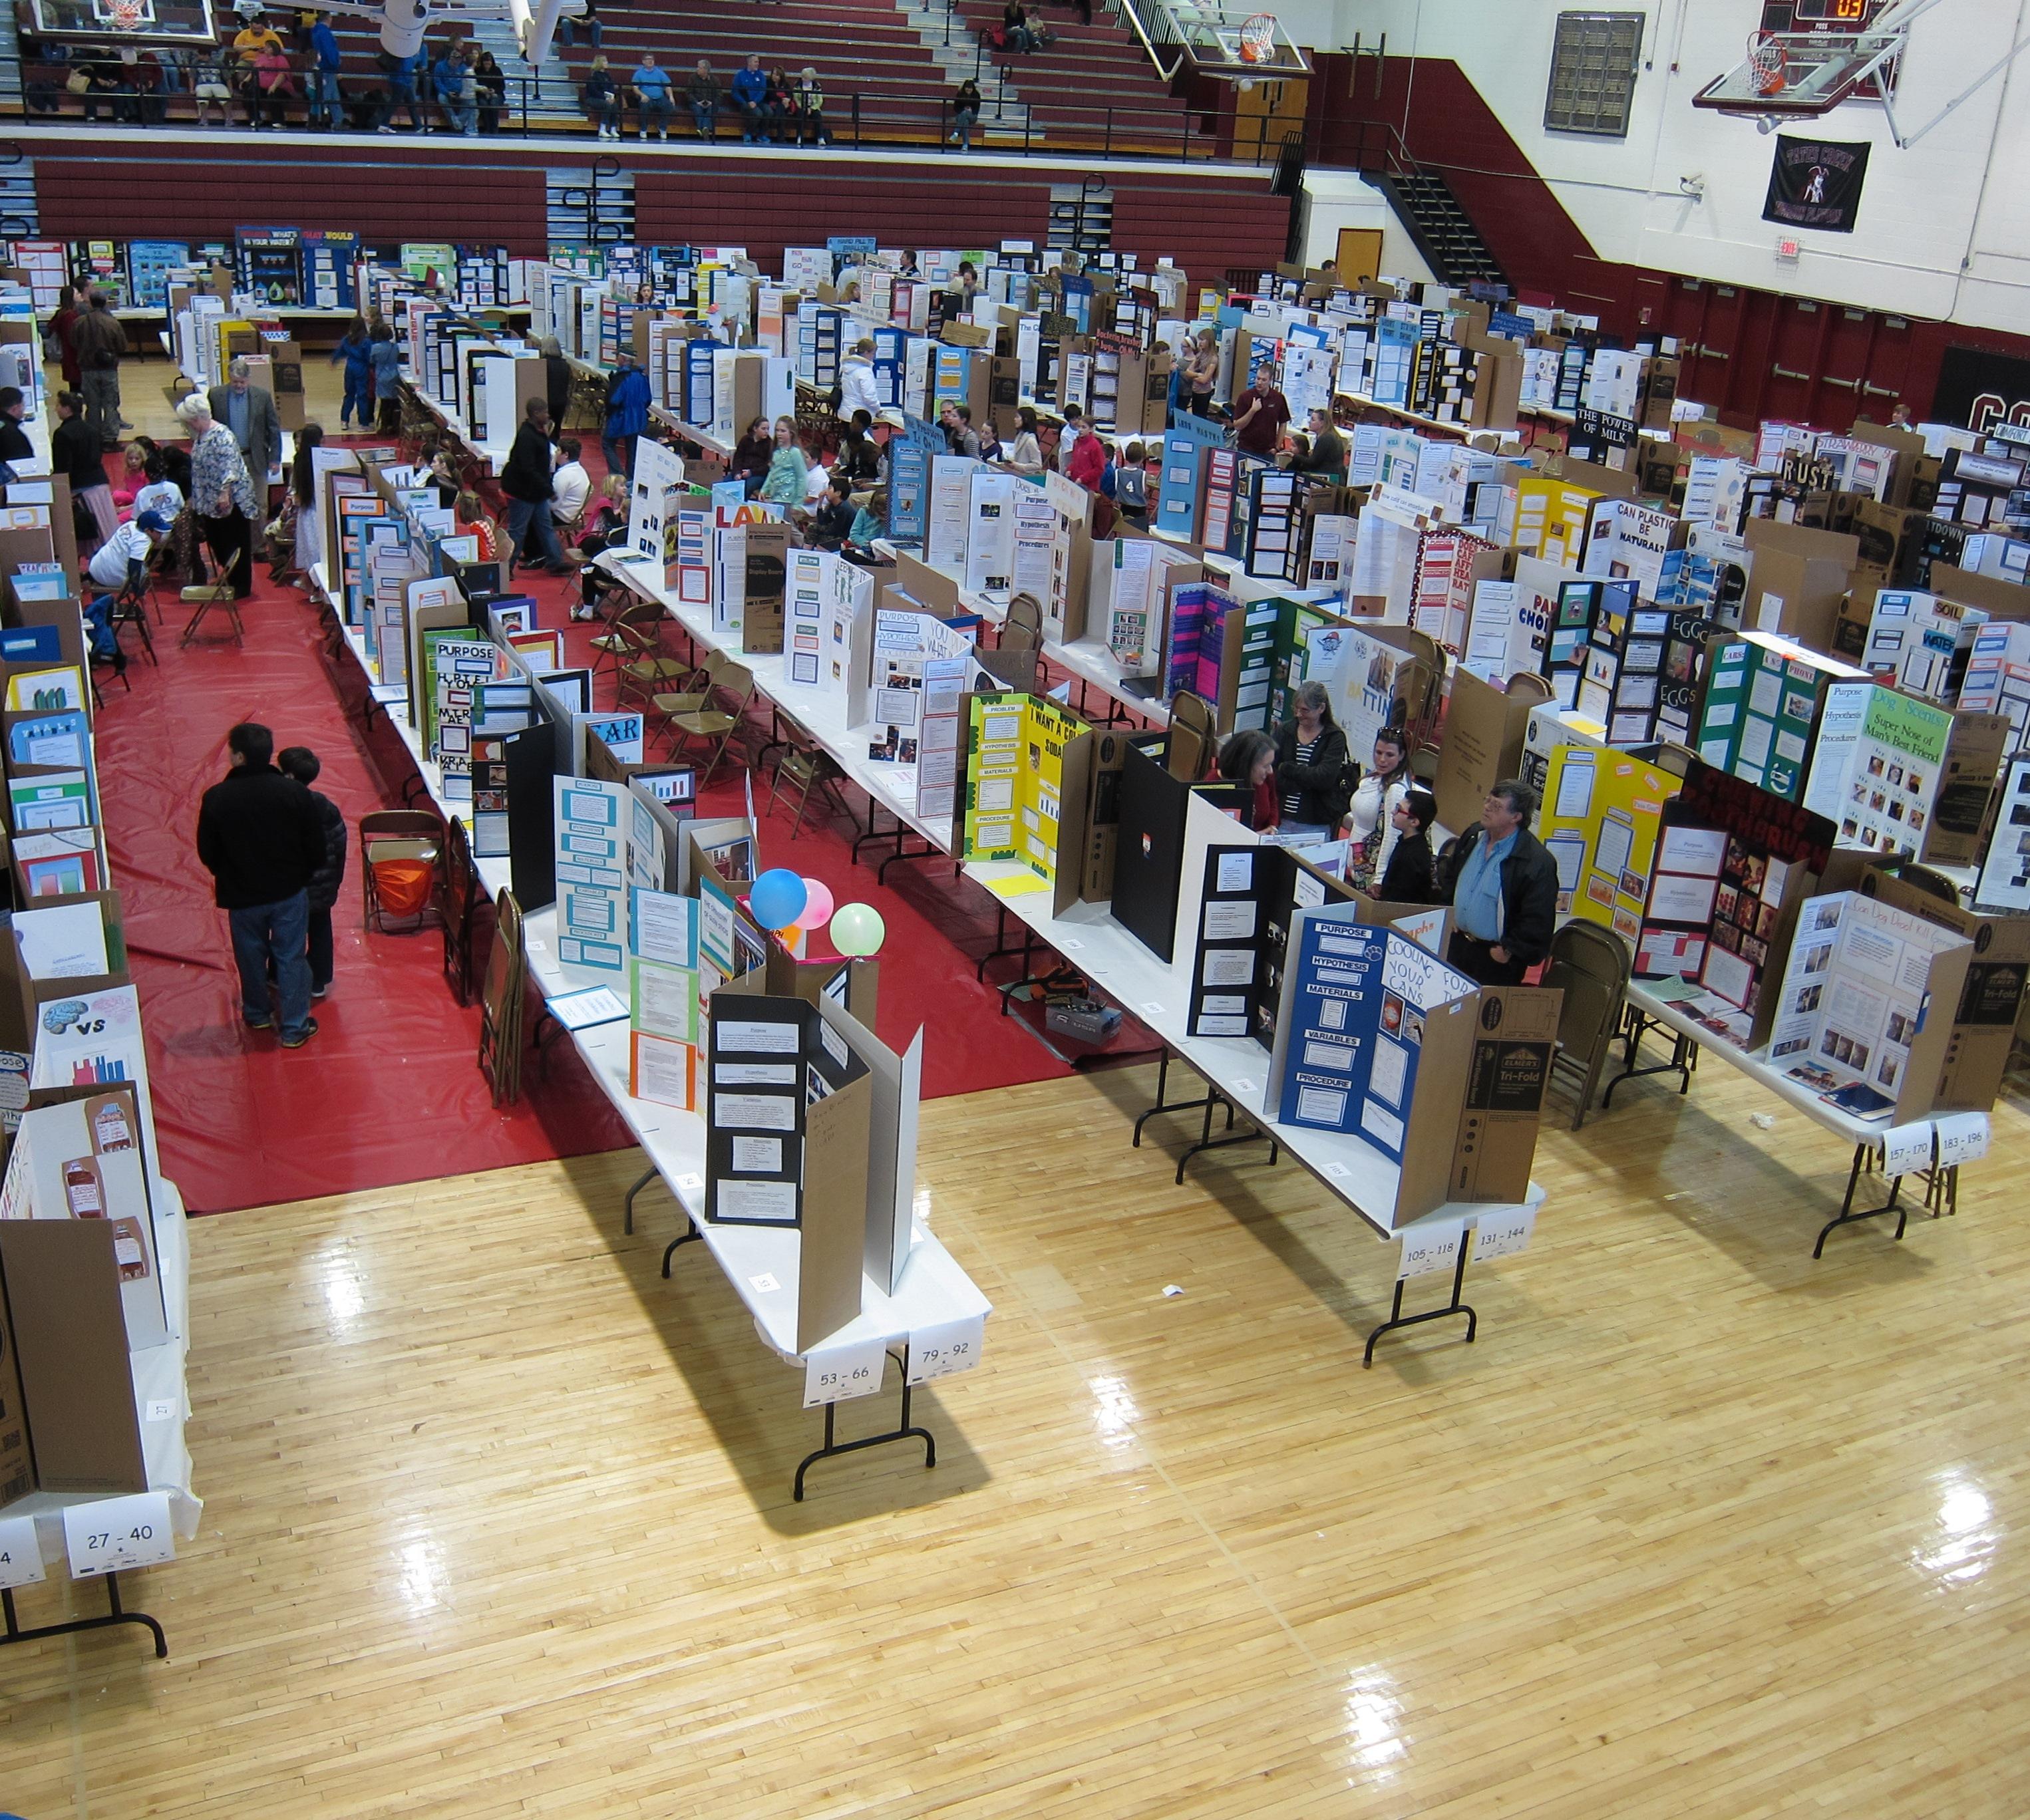 report on science fair held in school